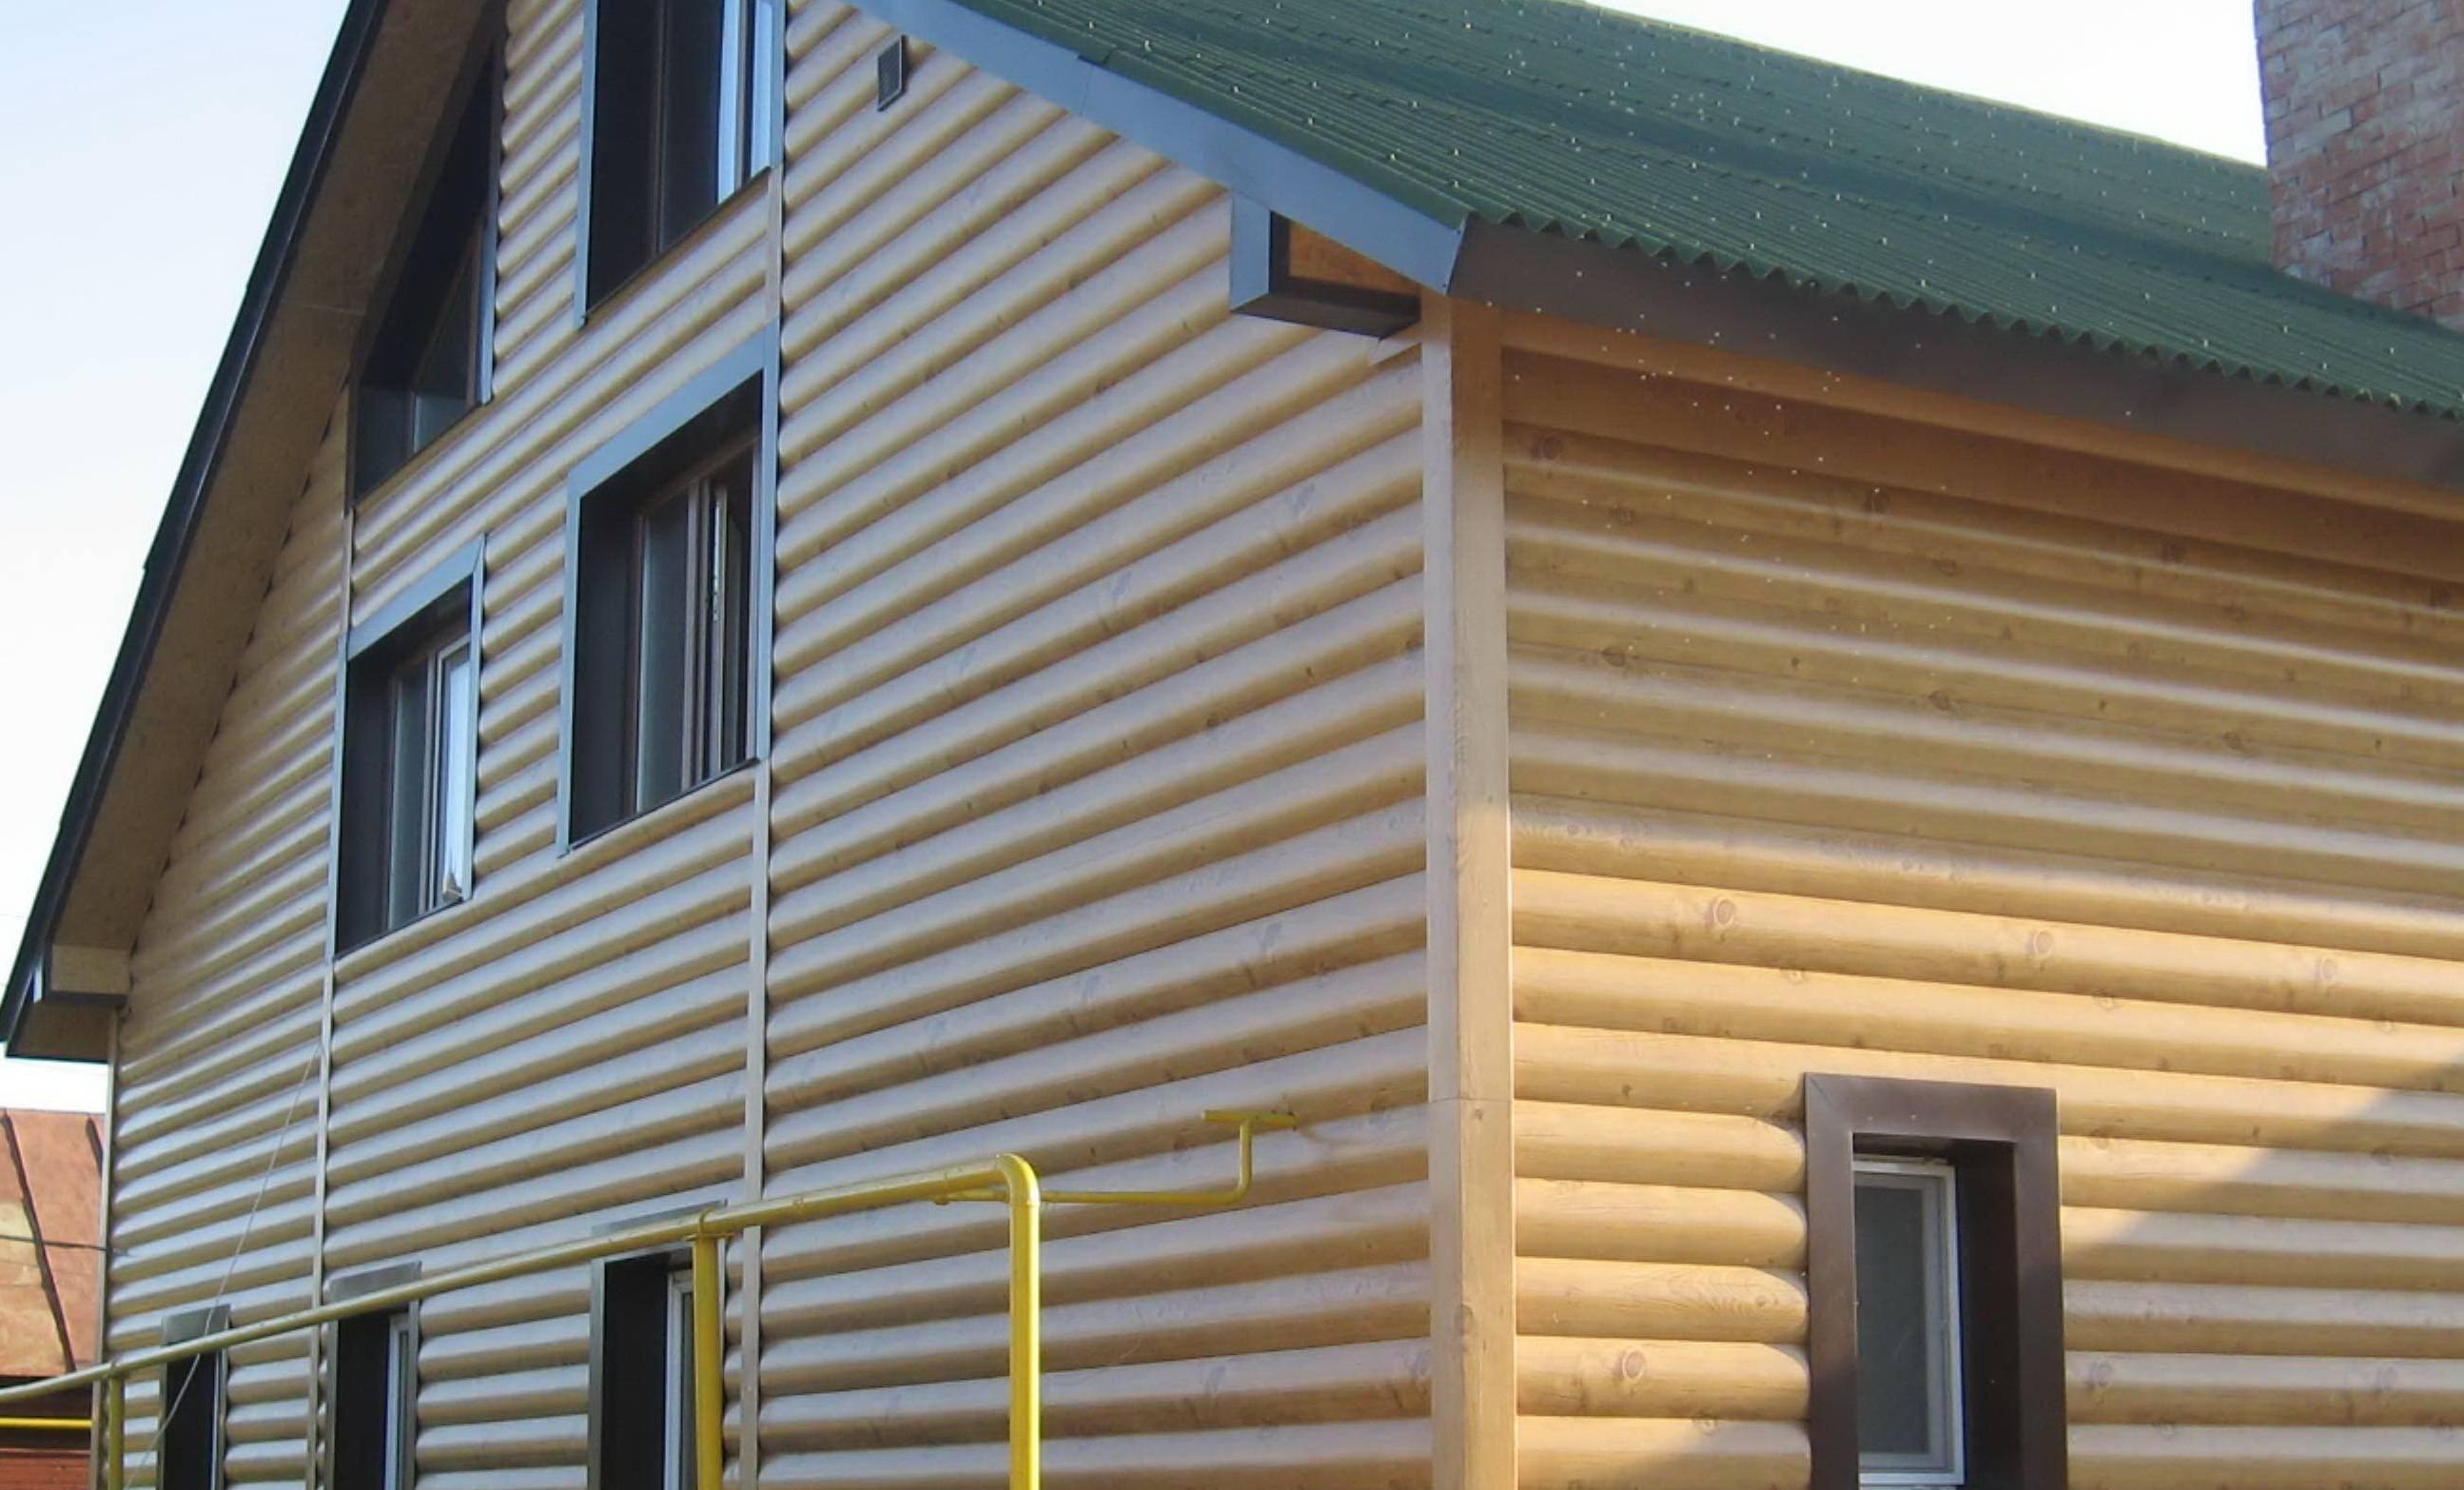 Фасадные панели под дерево:  металлические и ламинированные для наружной отделки фасада дома